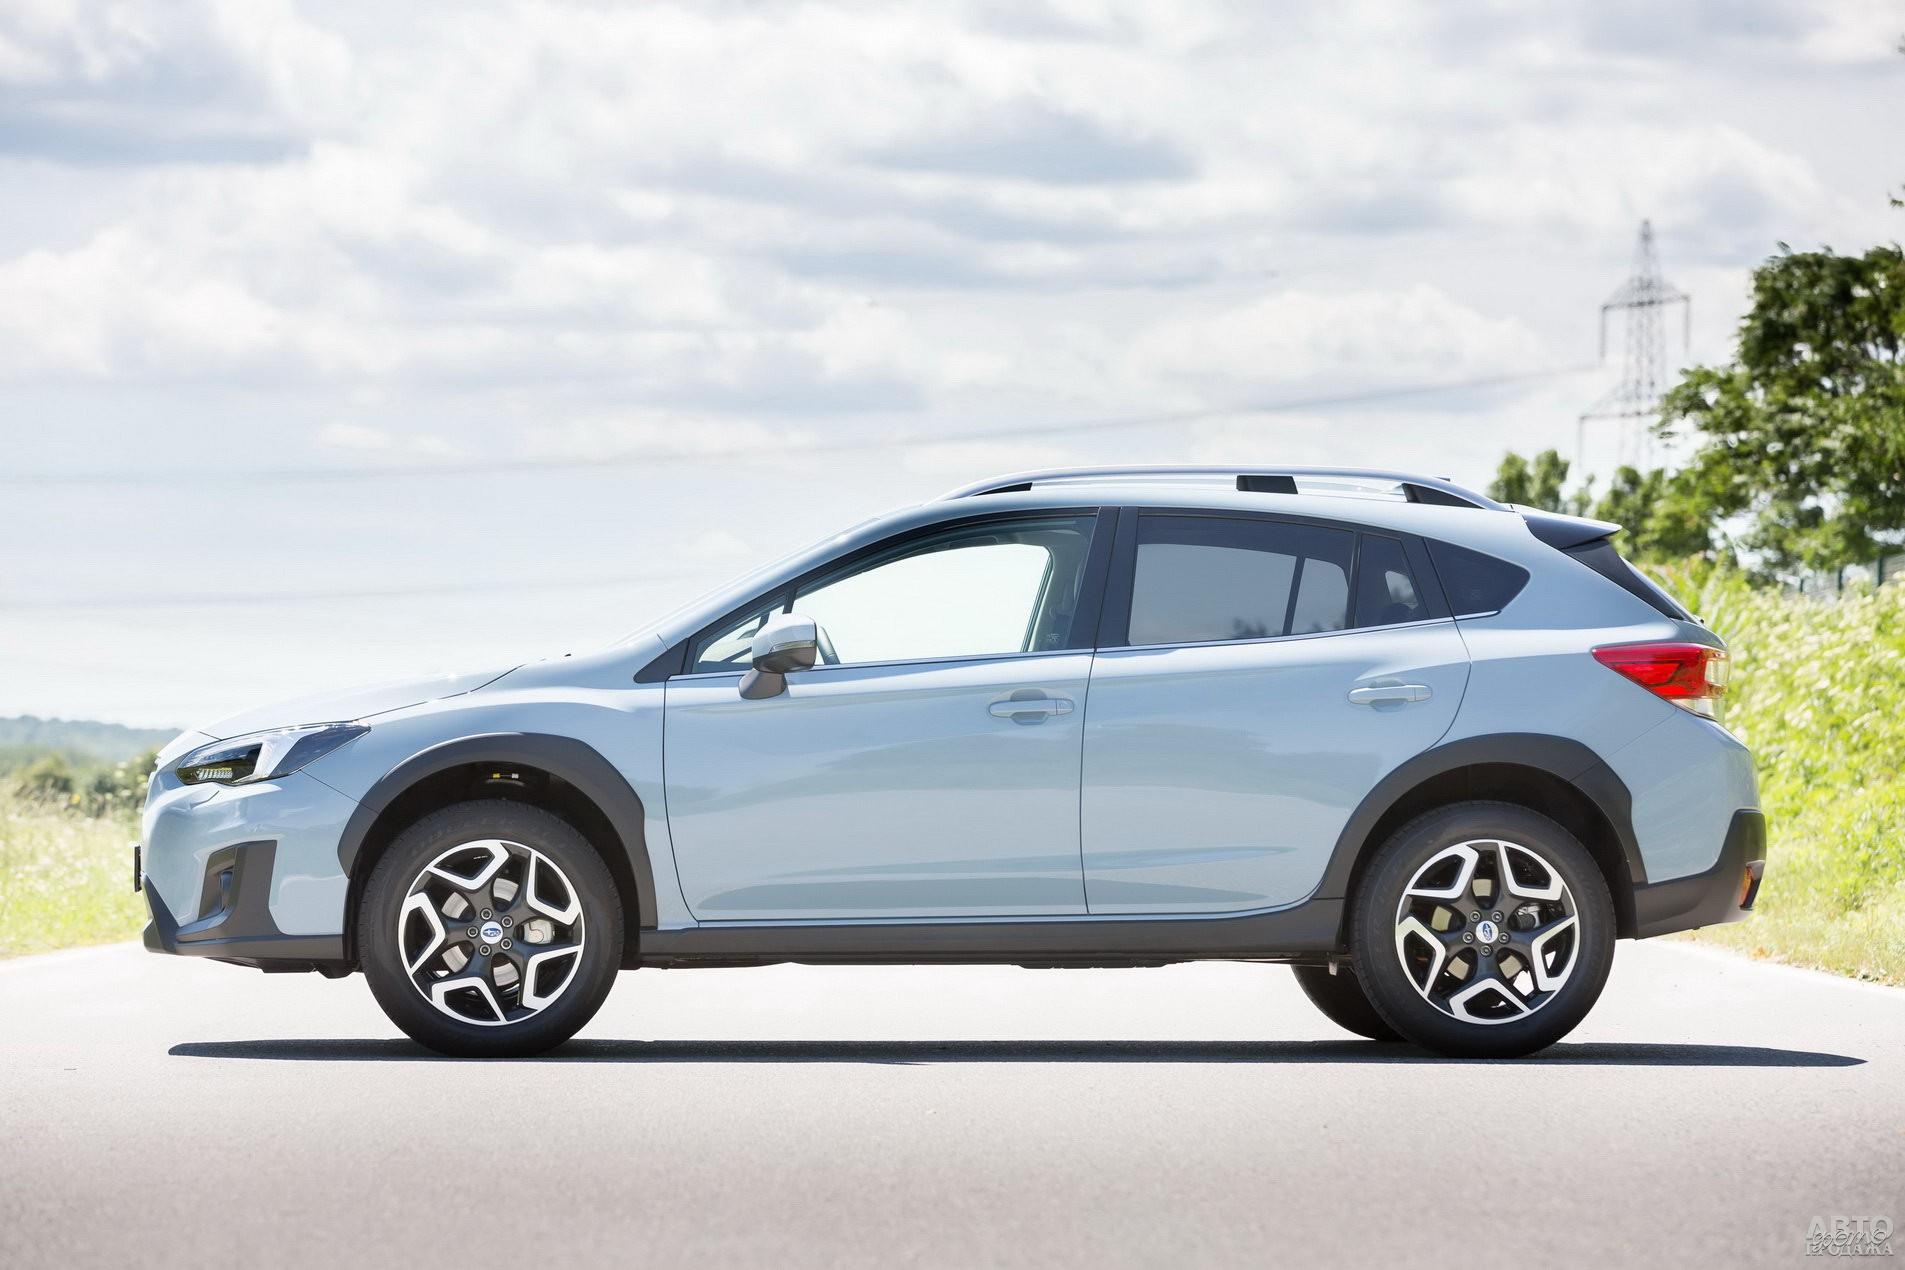 Subaru немного крупнее соперников, но при этом легче – 1426 кг